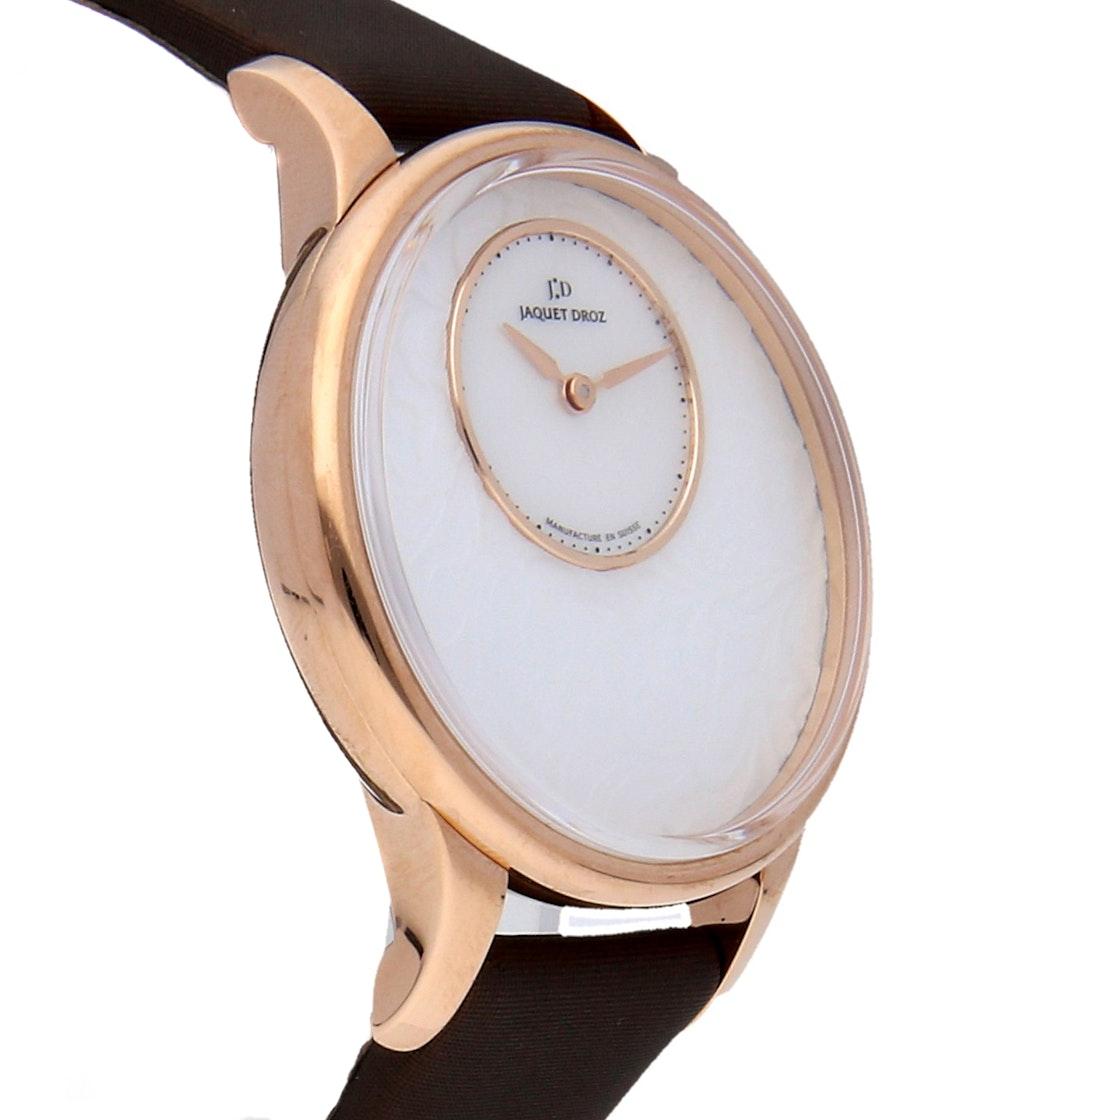 Jaquet Droz Petite Heure Minute Art Deco Limited Edition J005013570